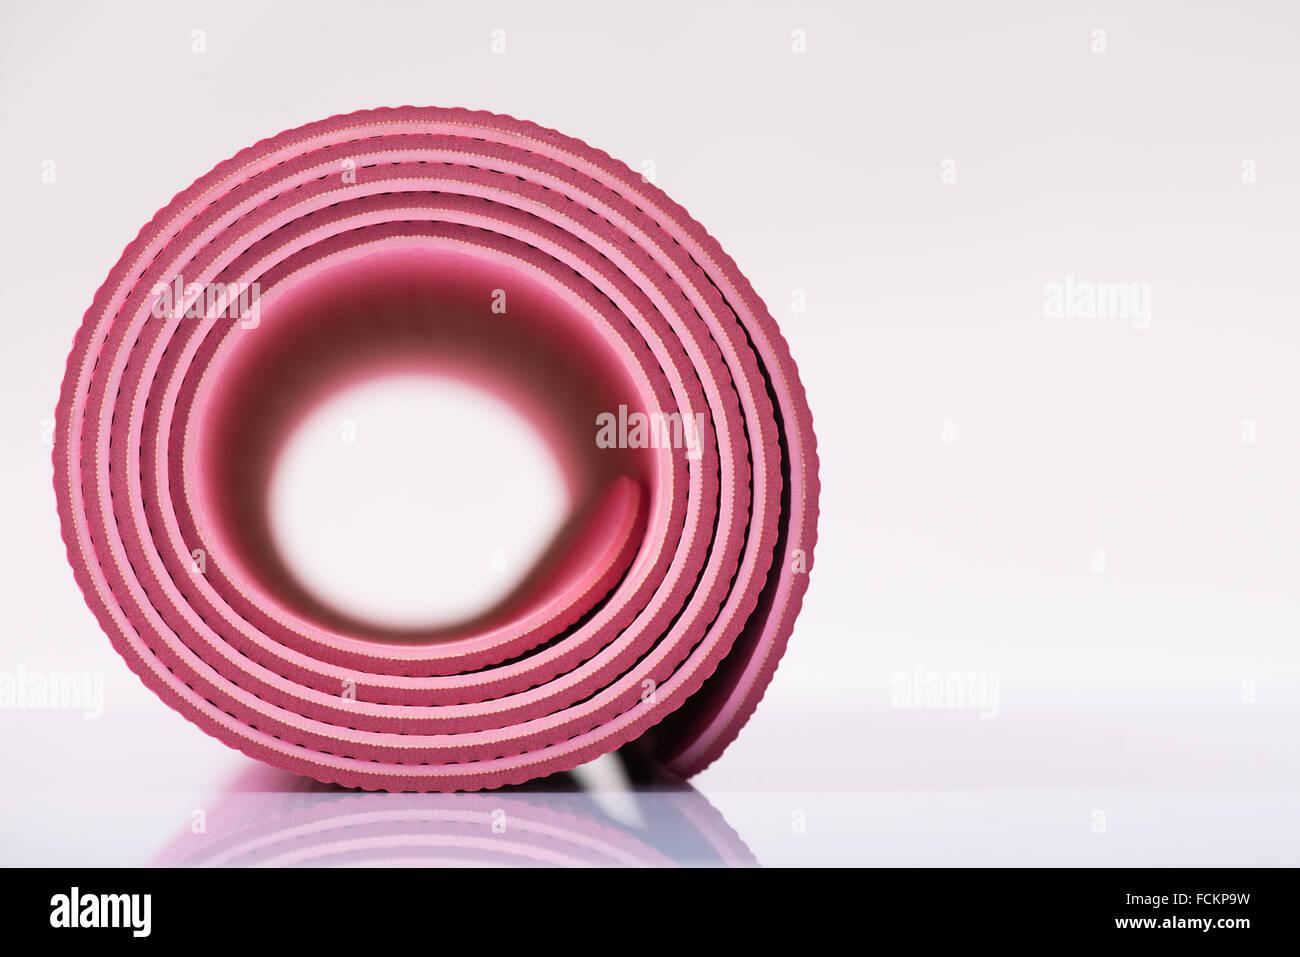 Yoga-Matte auf reflektierenden Oberfläche aufgerollt. Stockbild